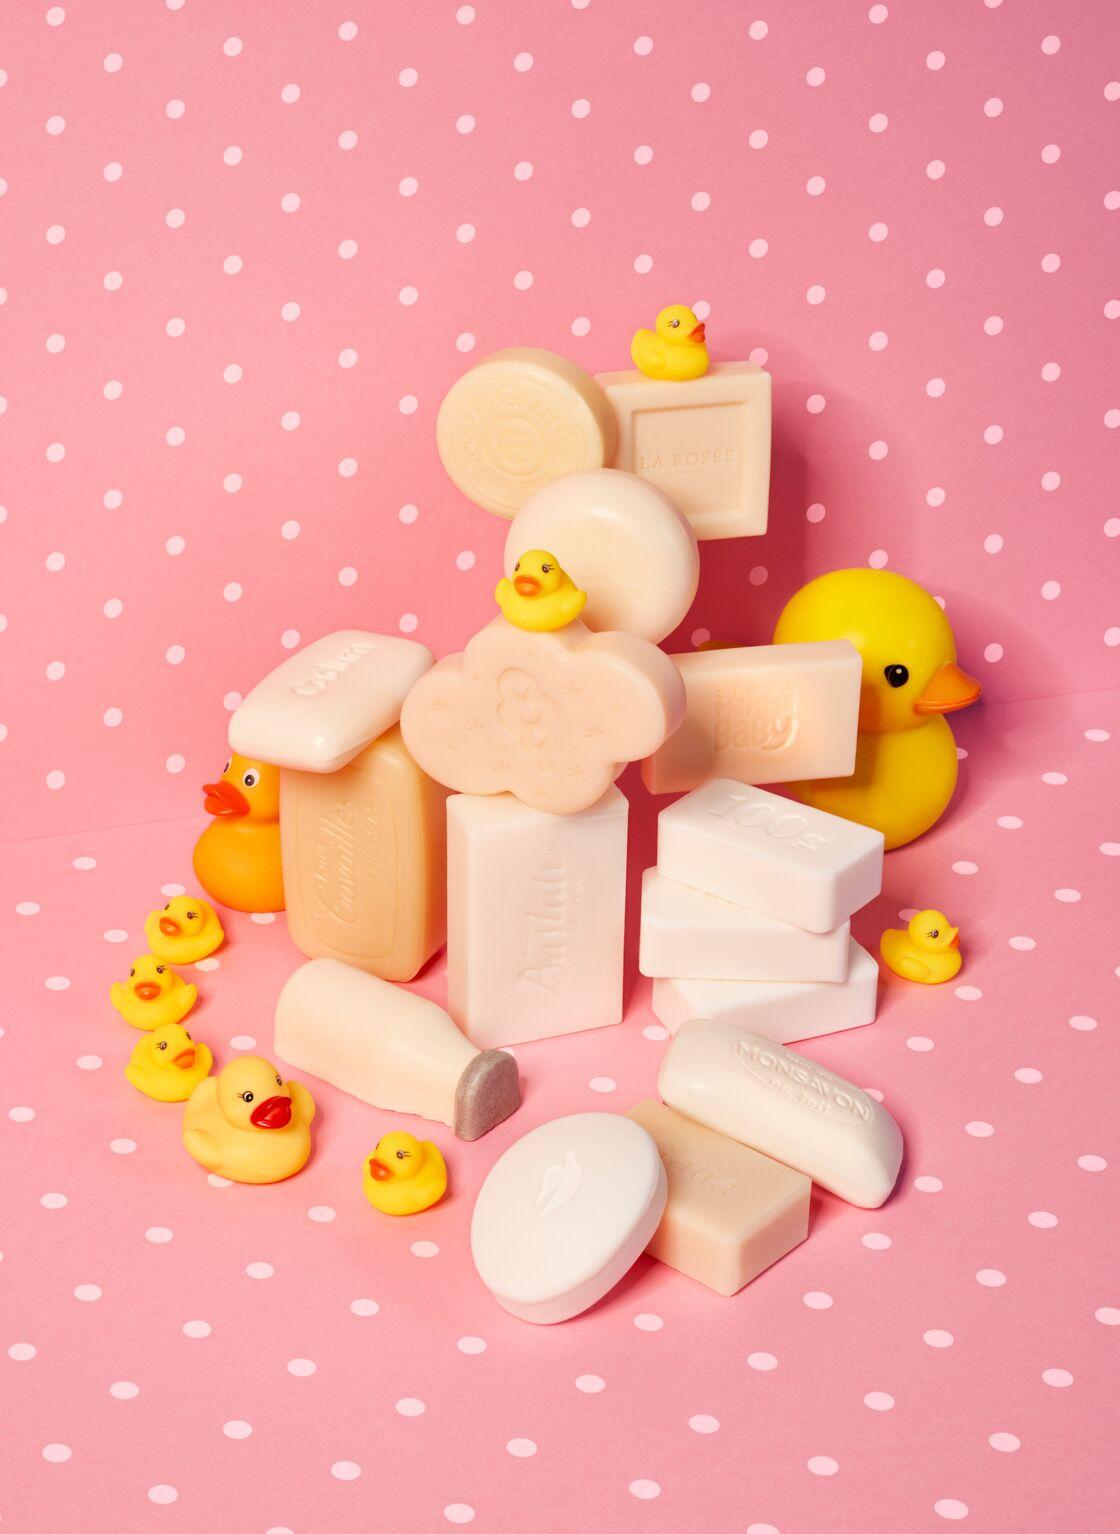 Beauty Cream Bar, Dove ; Pain Moussant Milky Bath, Lush ; Savon Surgras, Rogé Cavaillès ; Savon Doux Surgras, Cadum ; Savon Parfumé Jean-Marie Farina, Roger & Gallet ; Savon Extra-Doux Bergamote Sauvage, Collines de Provence ; Savon Extra Doux Récolte de Miel, L'Occitane ; Savon de Provence Artisanal Rose Olivier, Bastide ; Savon Surgras Unique Très-Doux, Gaiia  ; savon Au Lait, Monsavon ; Savon Extra Doux Fleur d'Oranger, Le Petit Marseillais ; Sapone Bio, Linea MammaBaby ; Savon Surgras Ultra Doux & Naturel, La Rosée.